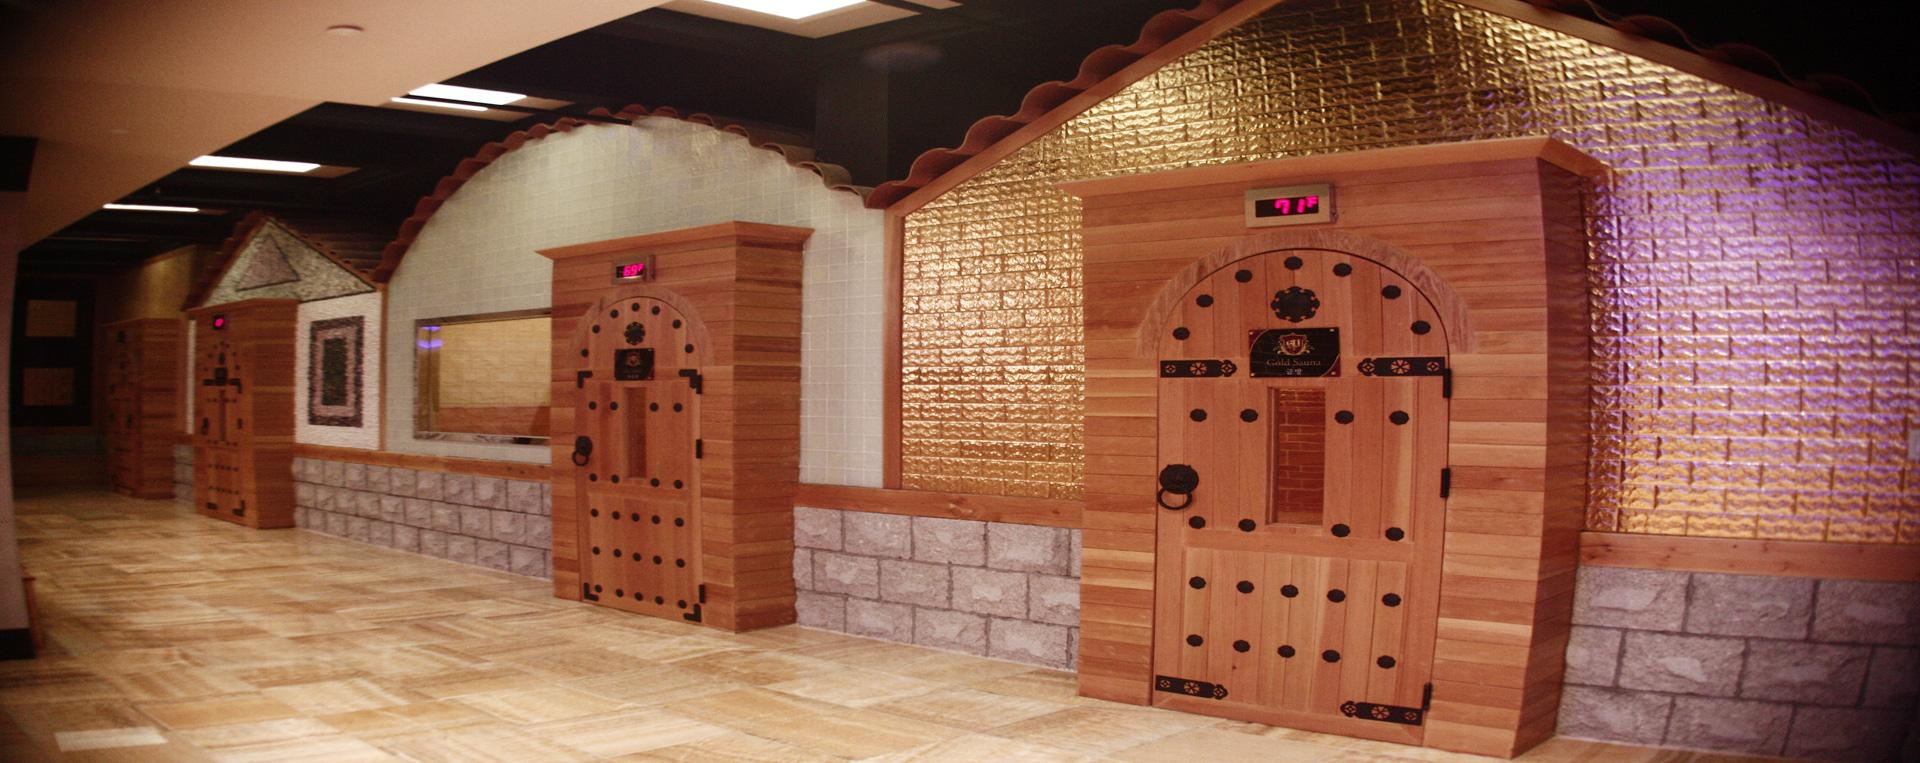 Spa Palace – Korean Spa, Massage, Jimjilbang